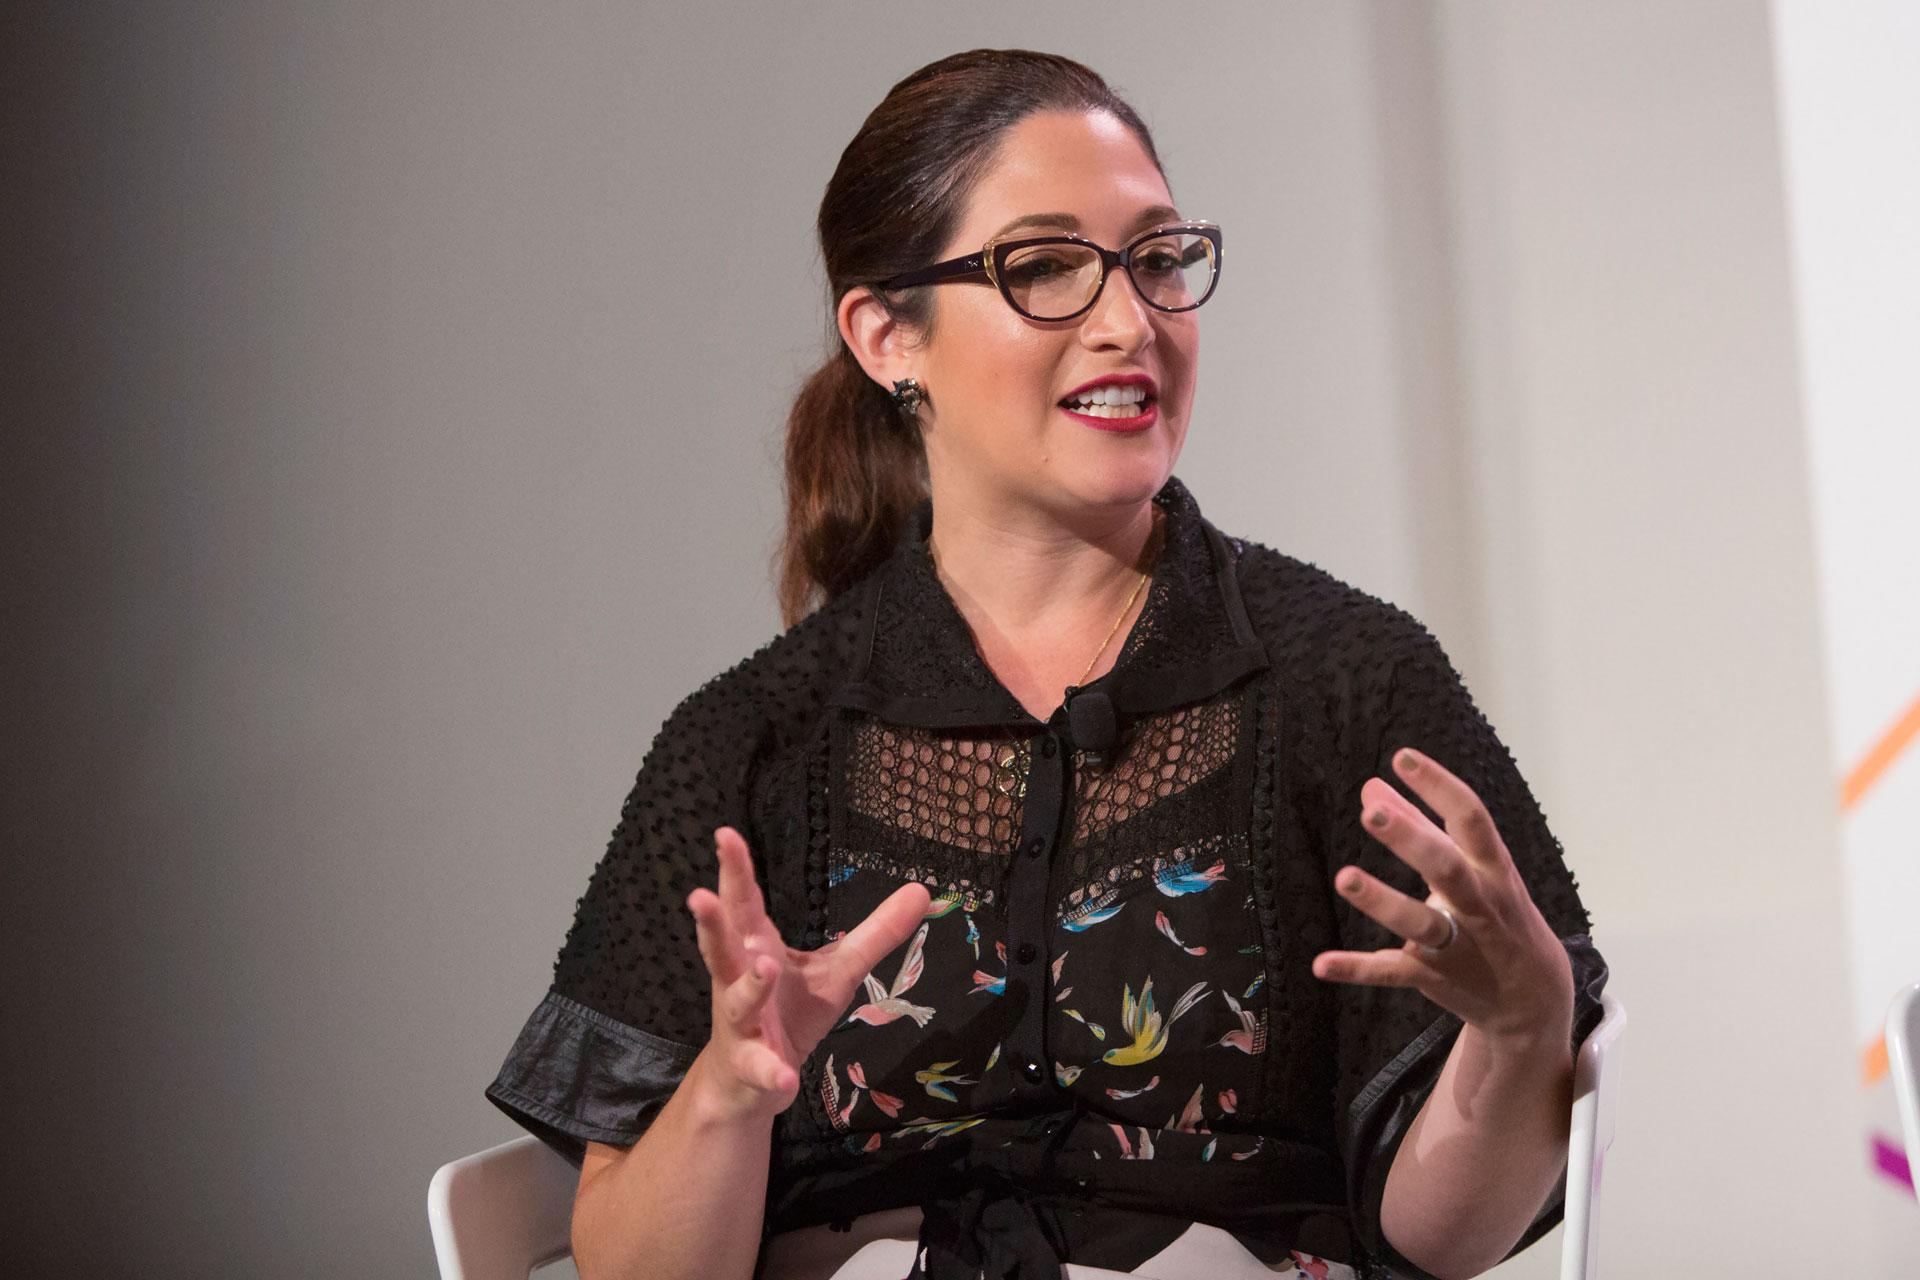 Randi Zuckerberg - American Businesswoman